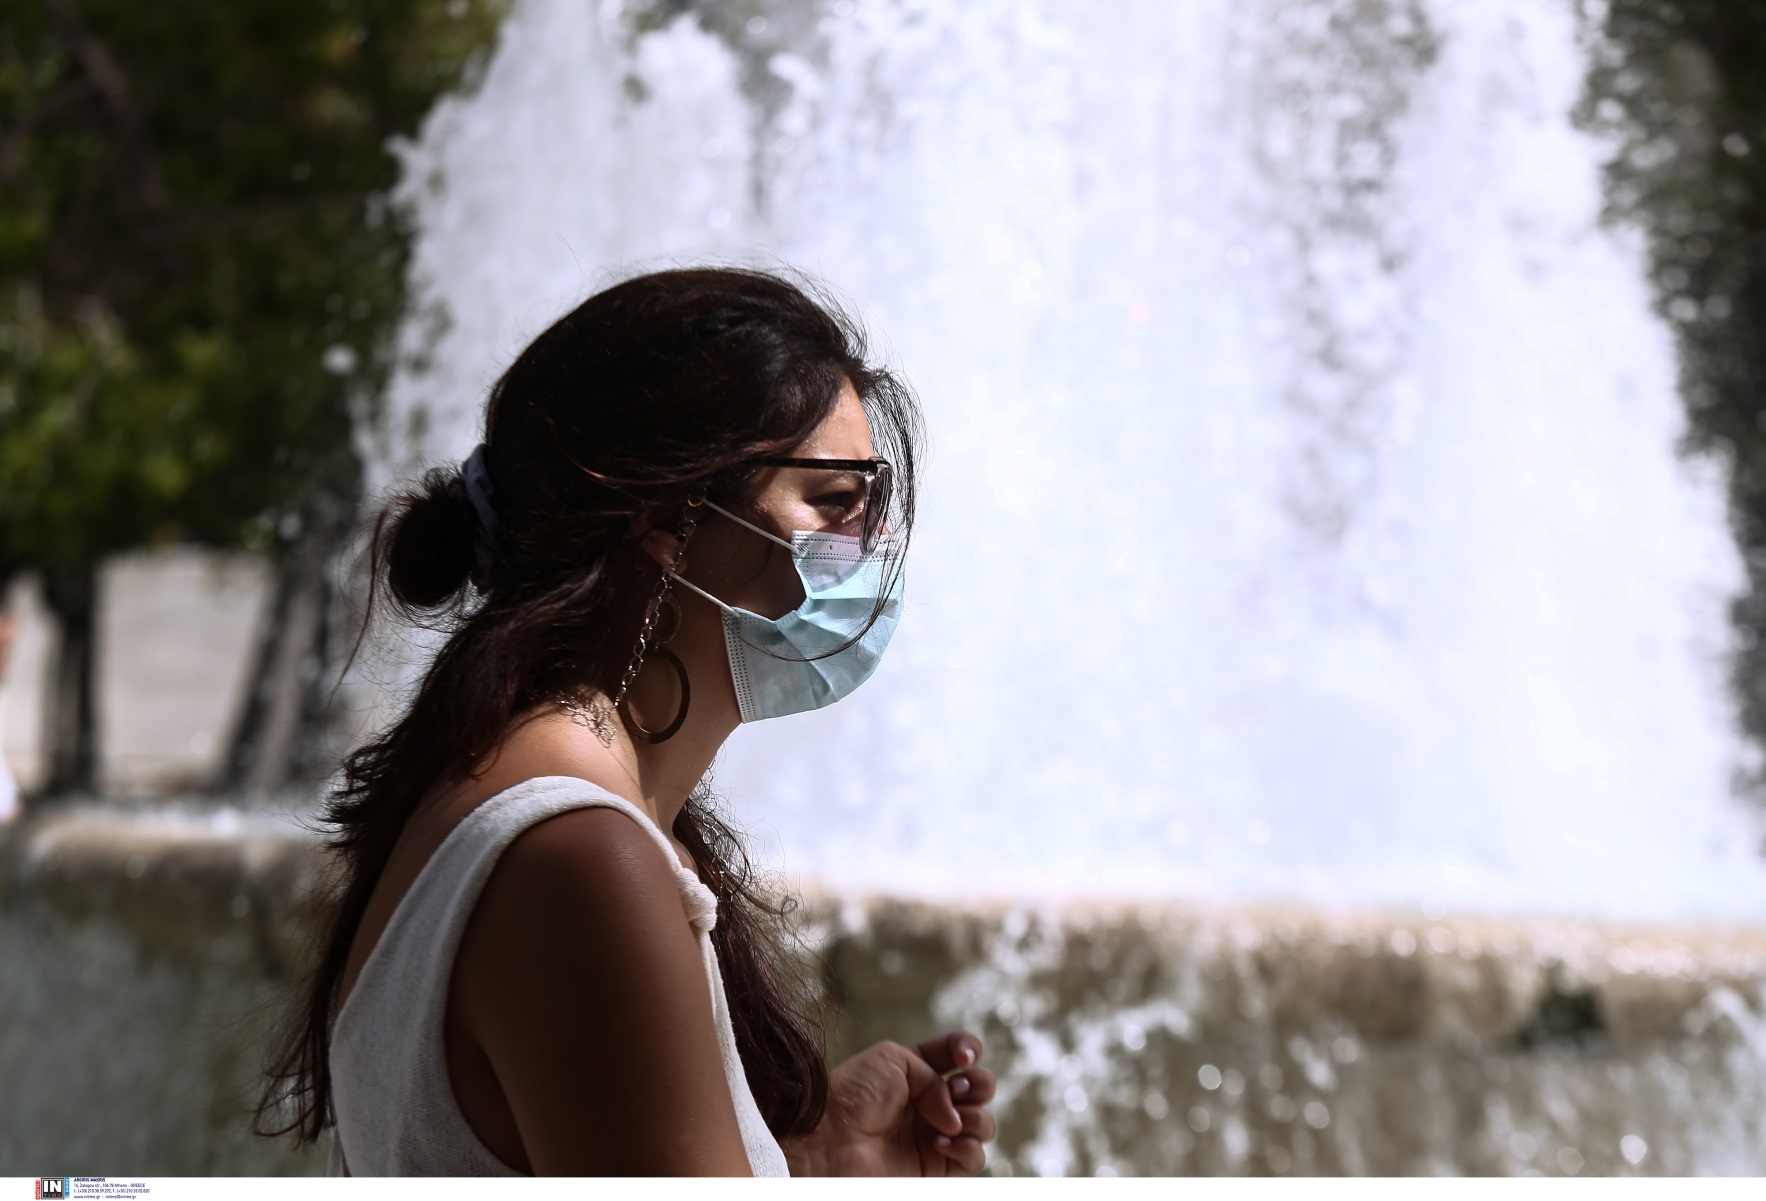 Καύσωνας – Αθήνα: Οι κλιματιζόμενοι χώροι του Δήμου της πρωτεύουσας